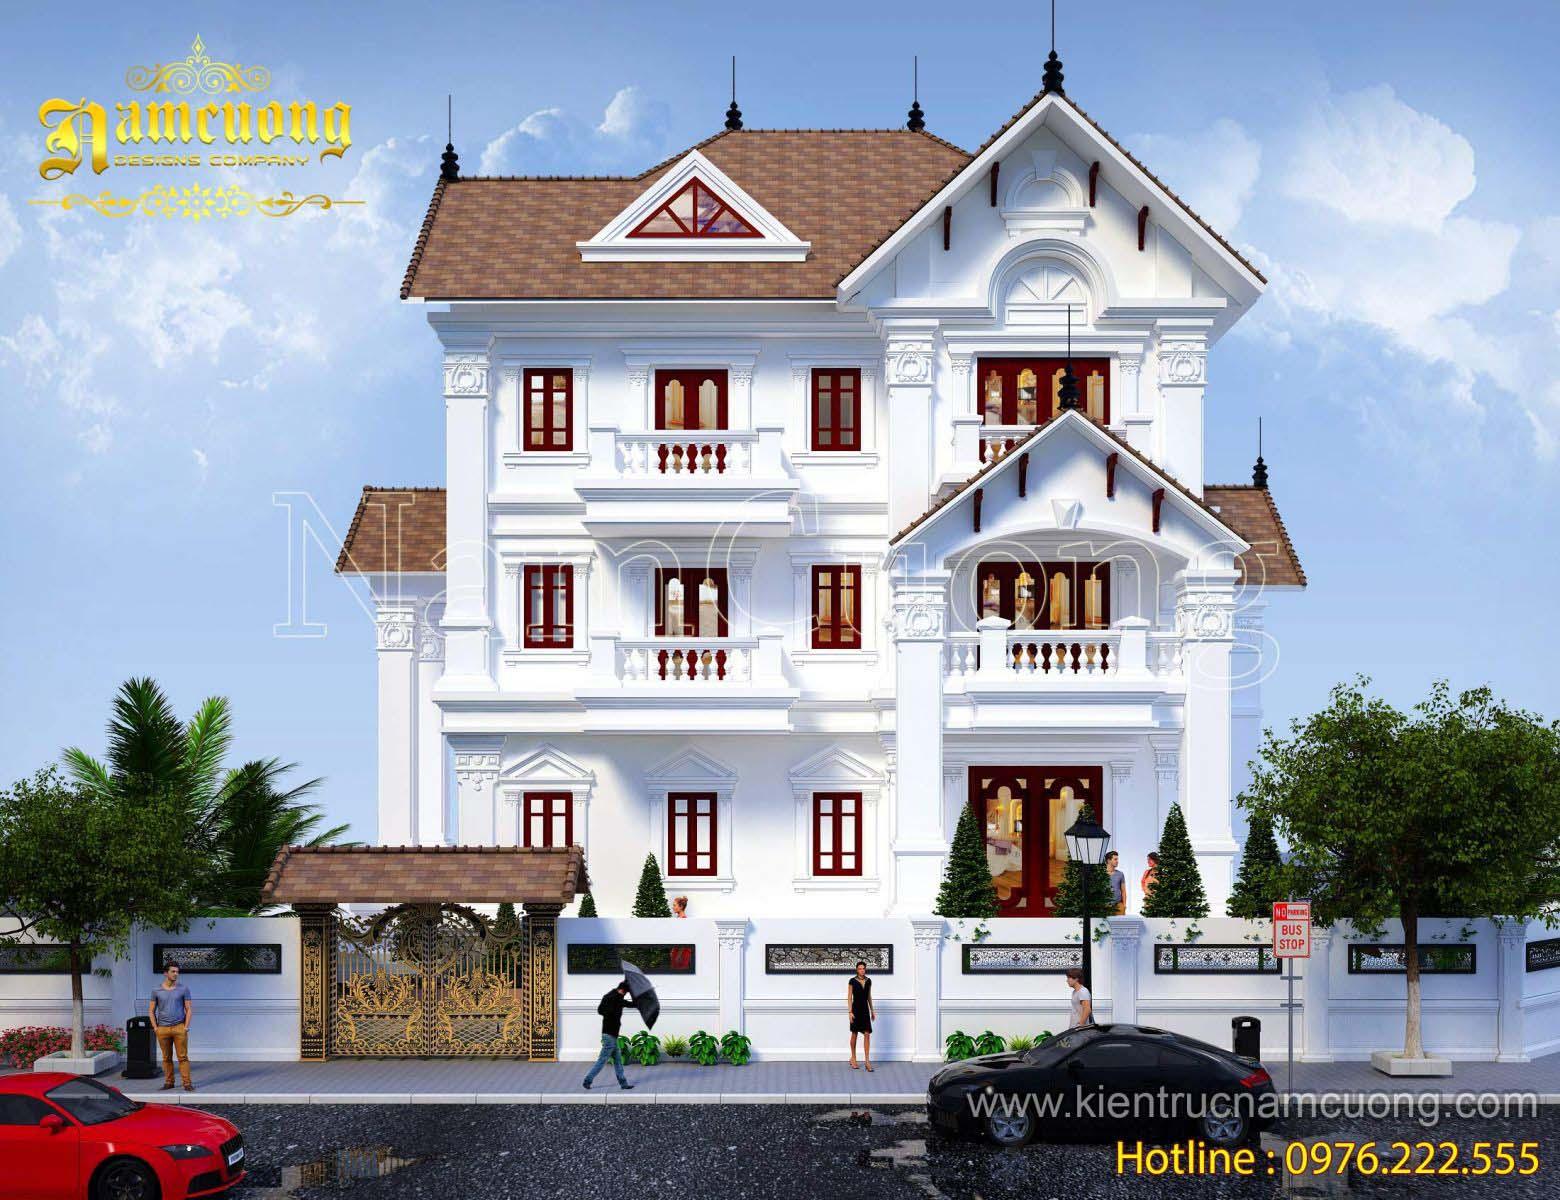 Bản vẽ 2d biệt thự tân cổ điển tại Quảng Bình